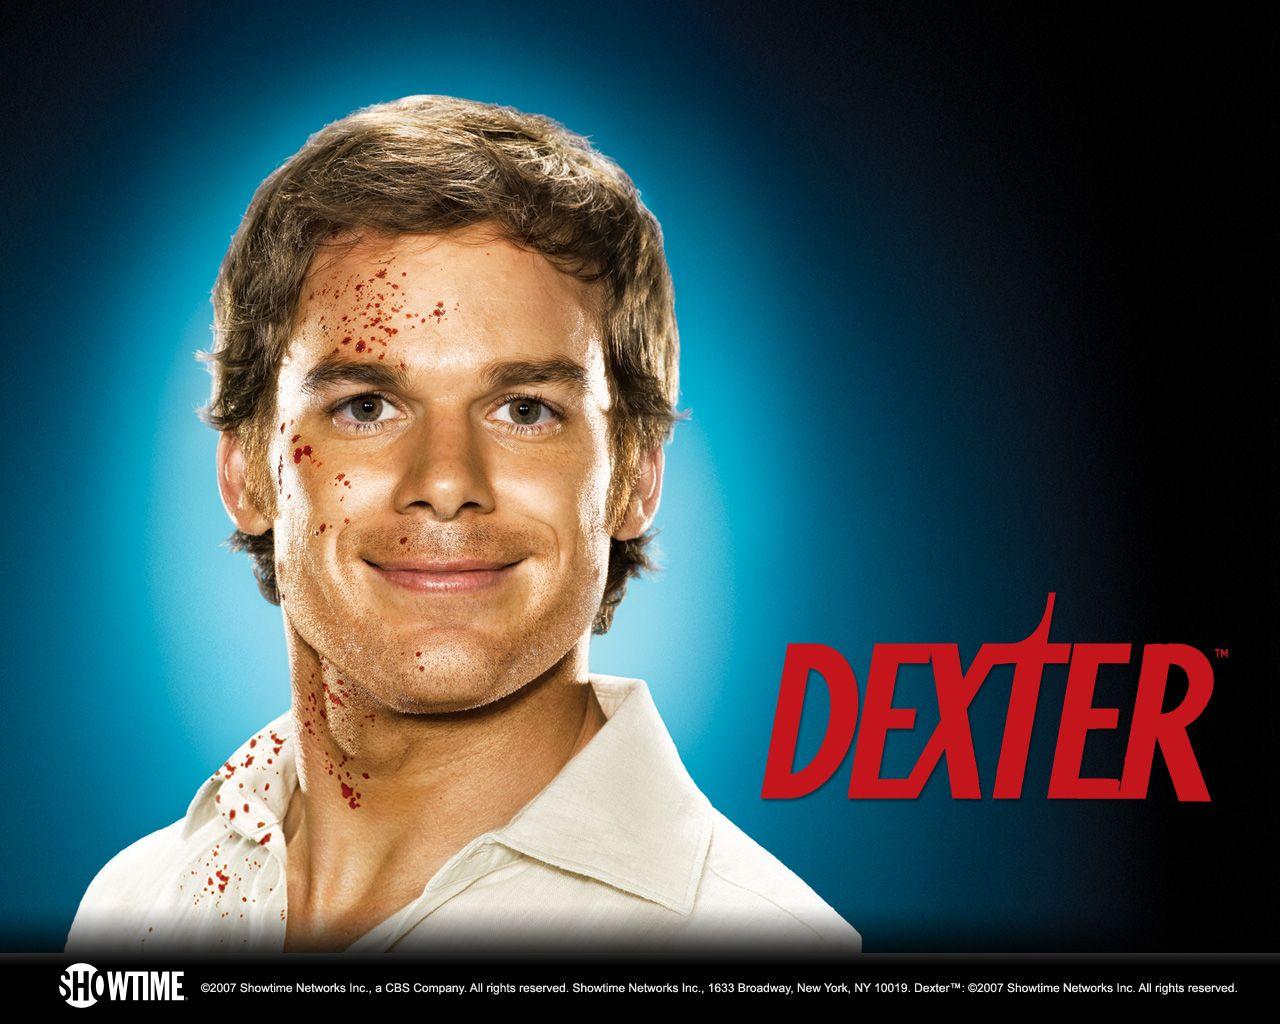 Dexter Best Tv Shows Showtime Series Dexter Wallpaper